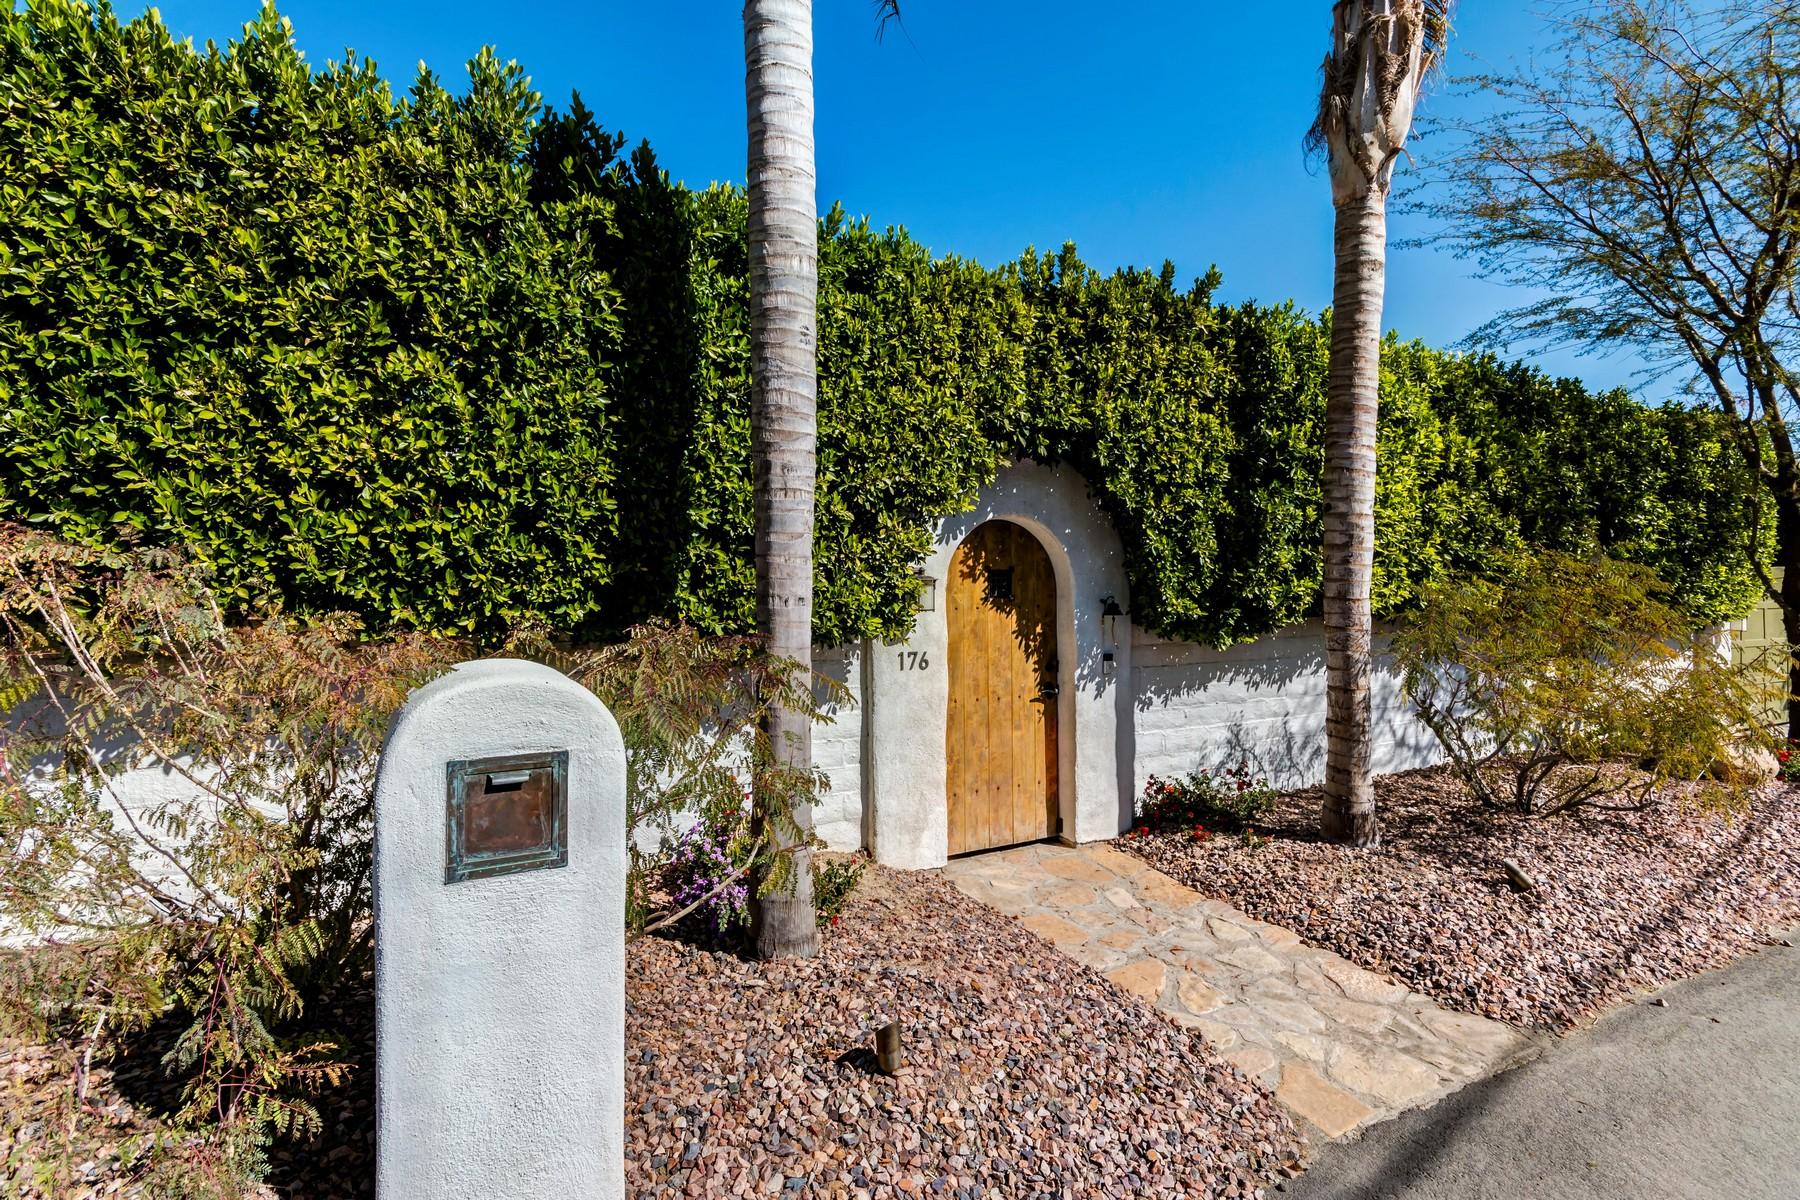 Частный односемейный дом для того Продажа на 176 West Crestview Drive Palm Springs, Калифорния 92264 Соединенные Штаты